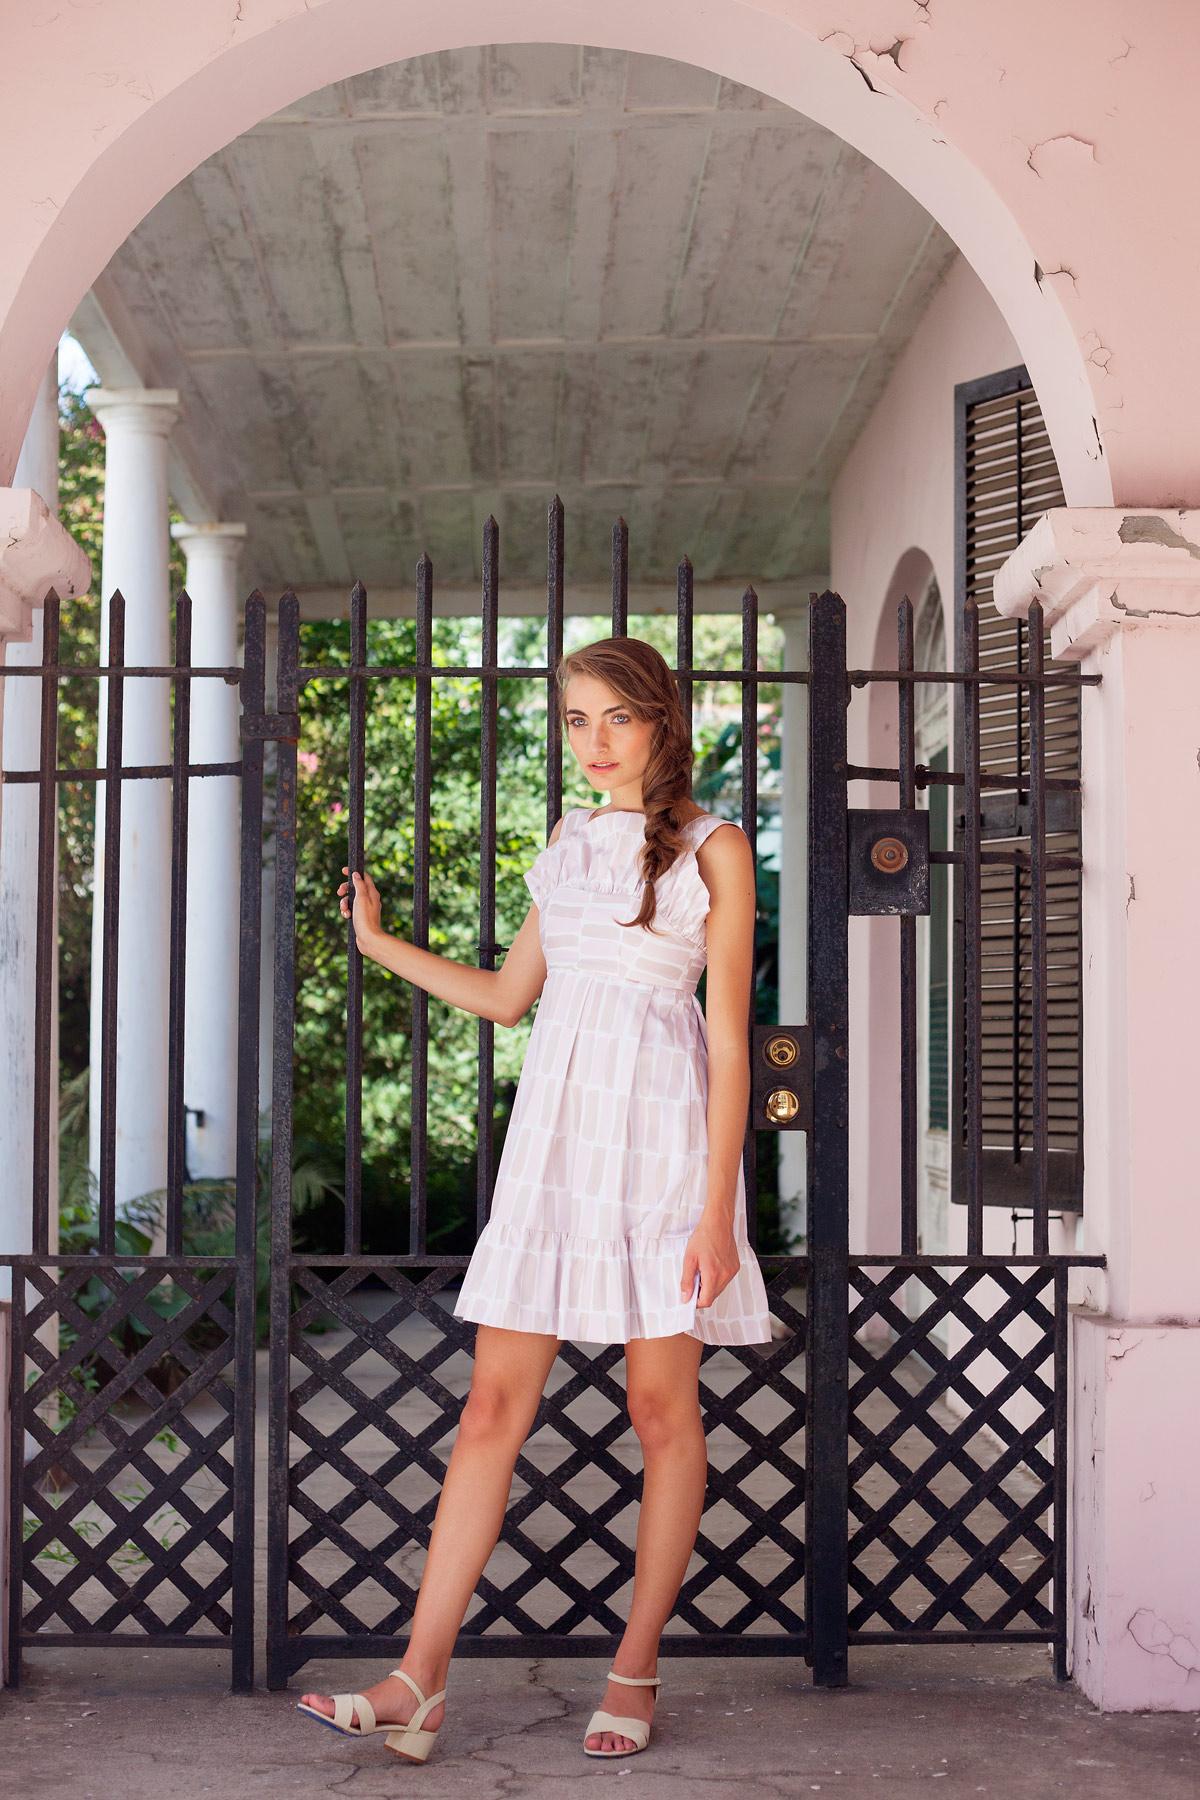 margaret-wright-fashion-photographer-charleston-25